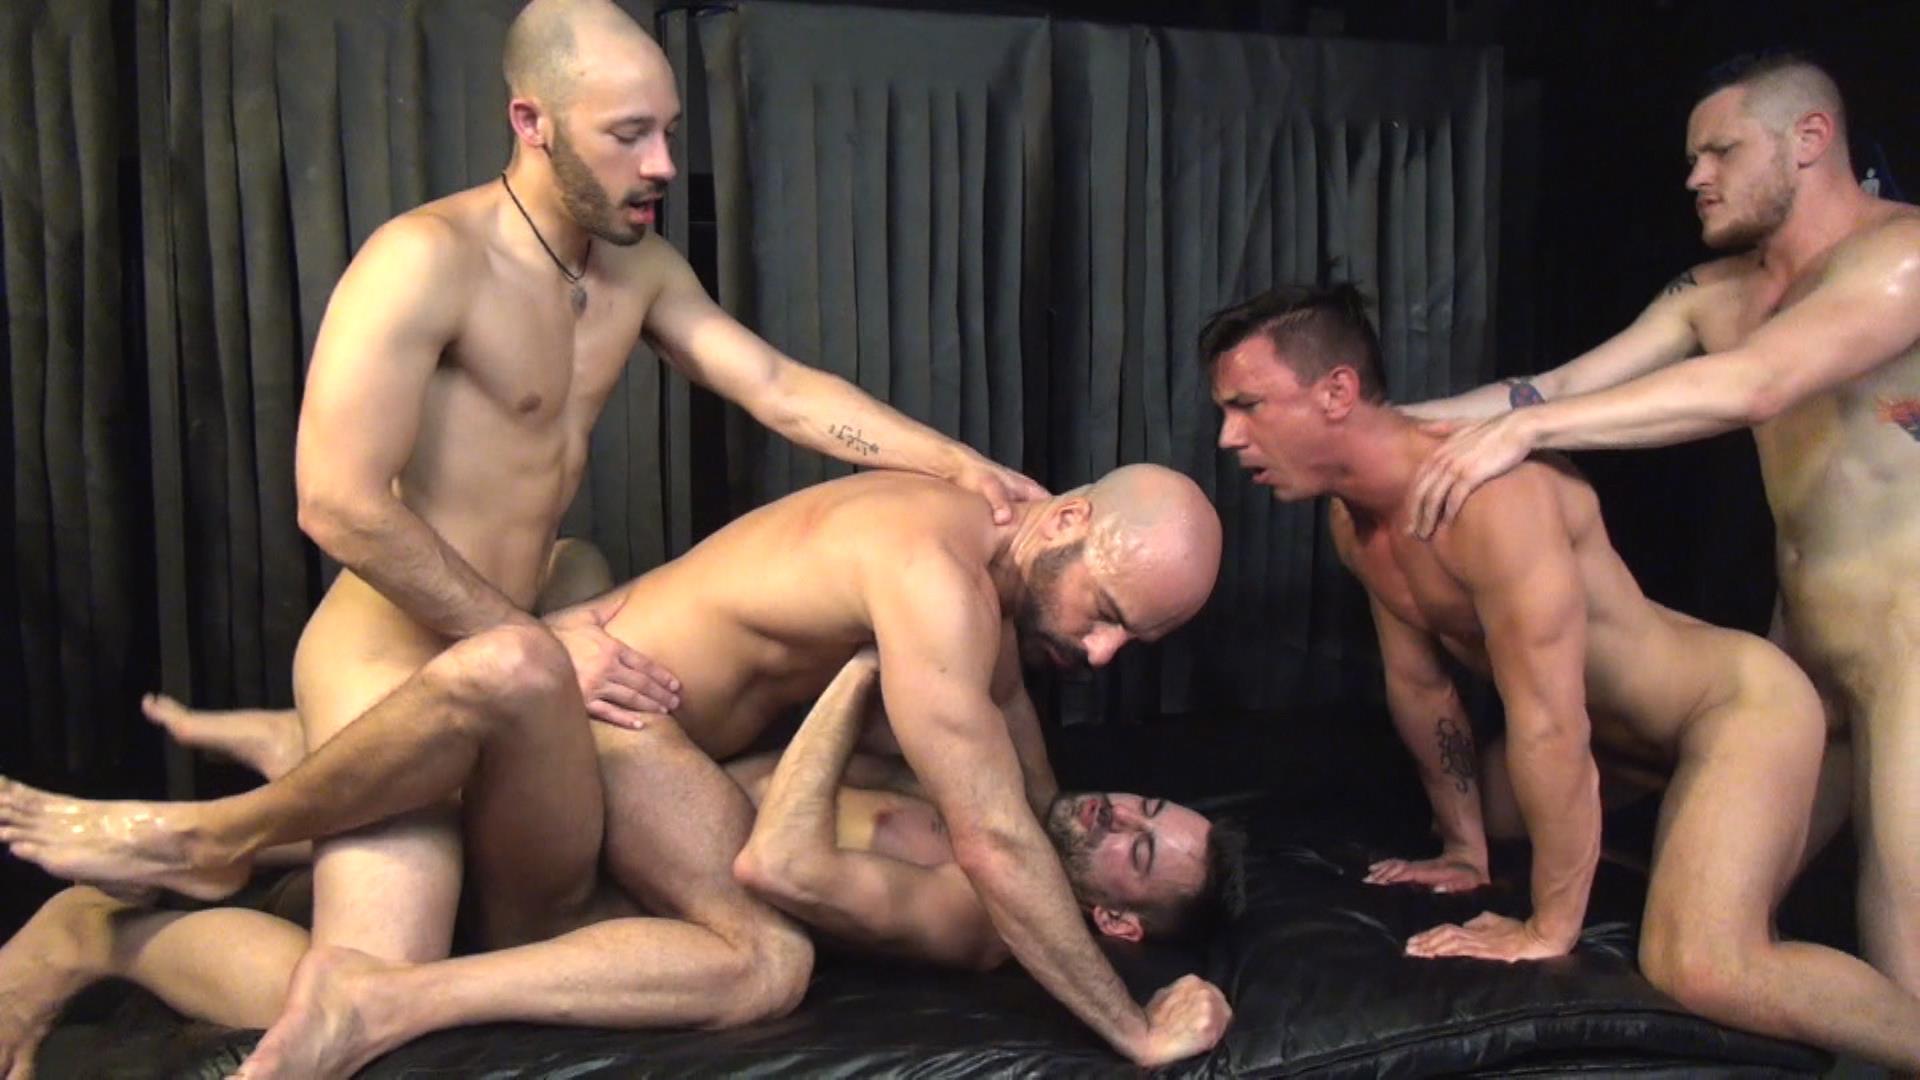 полнометражный порно видео фильм про геев